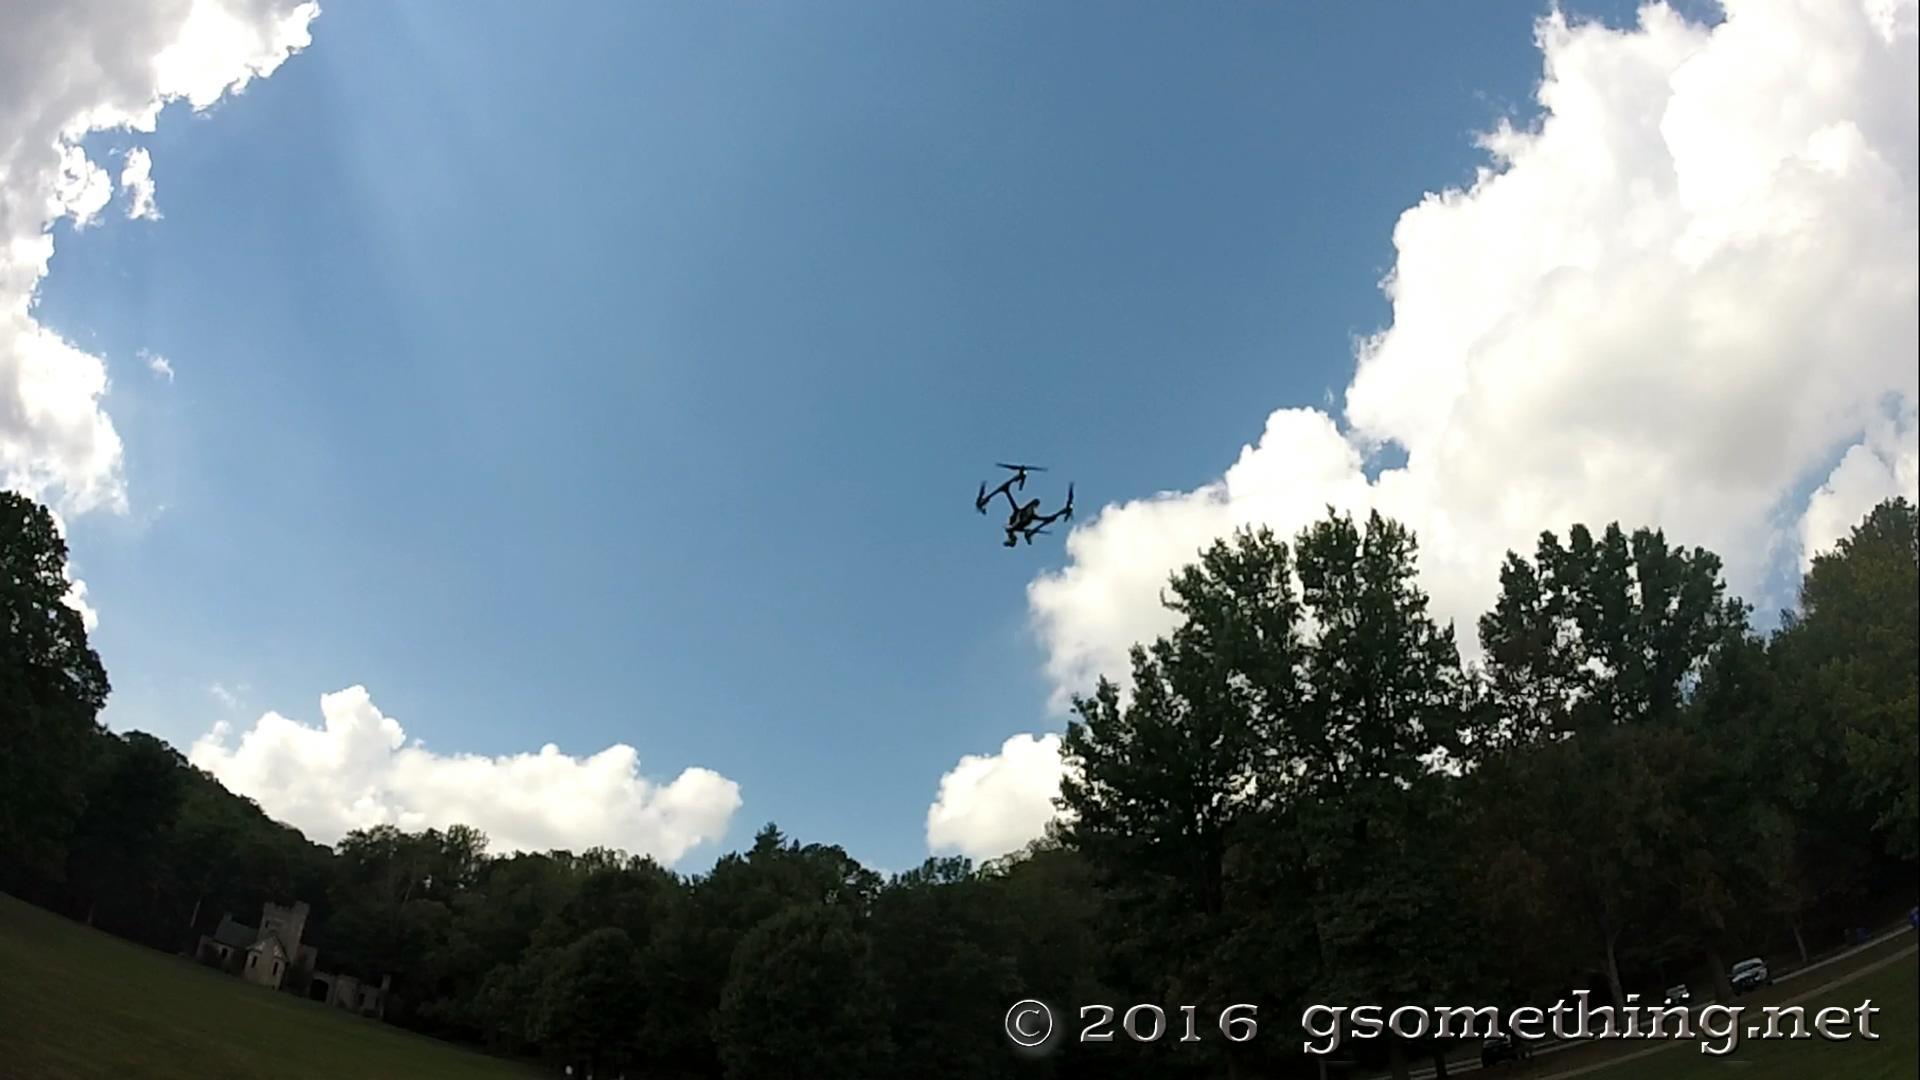 hire drone pilot, find drone pilot